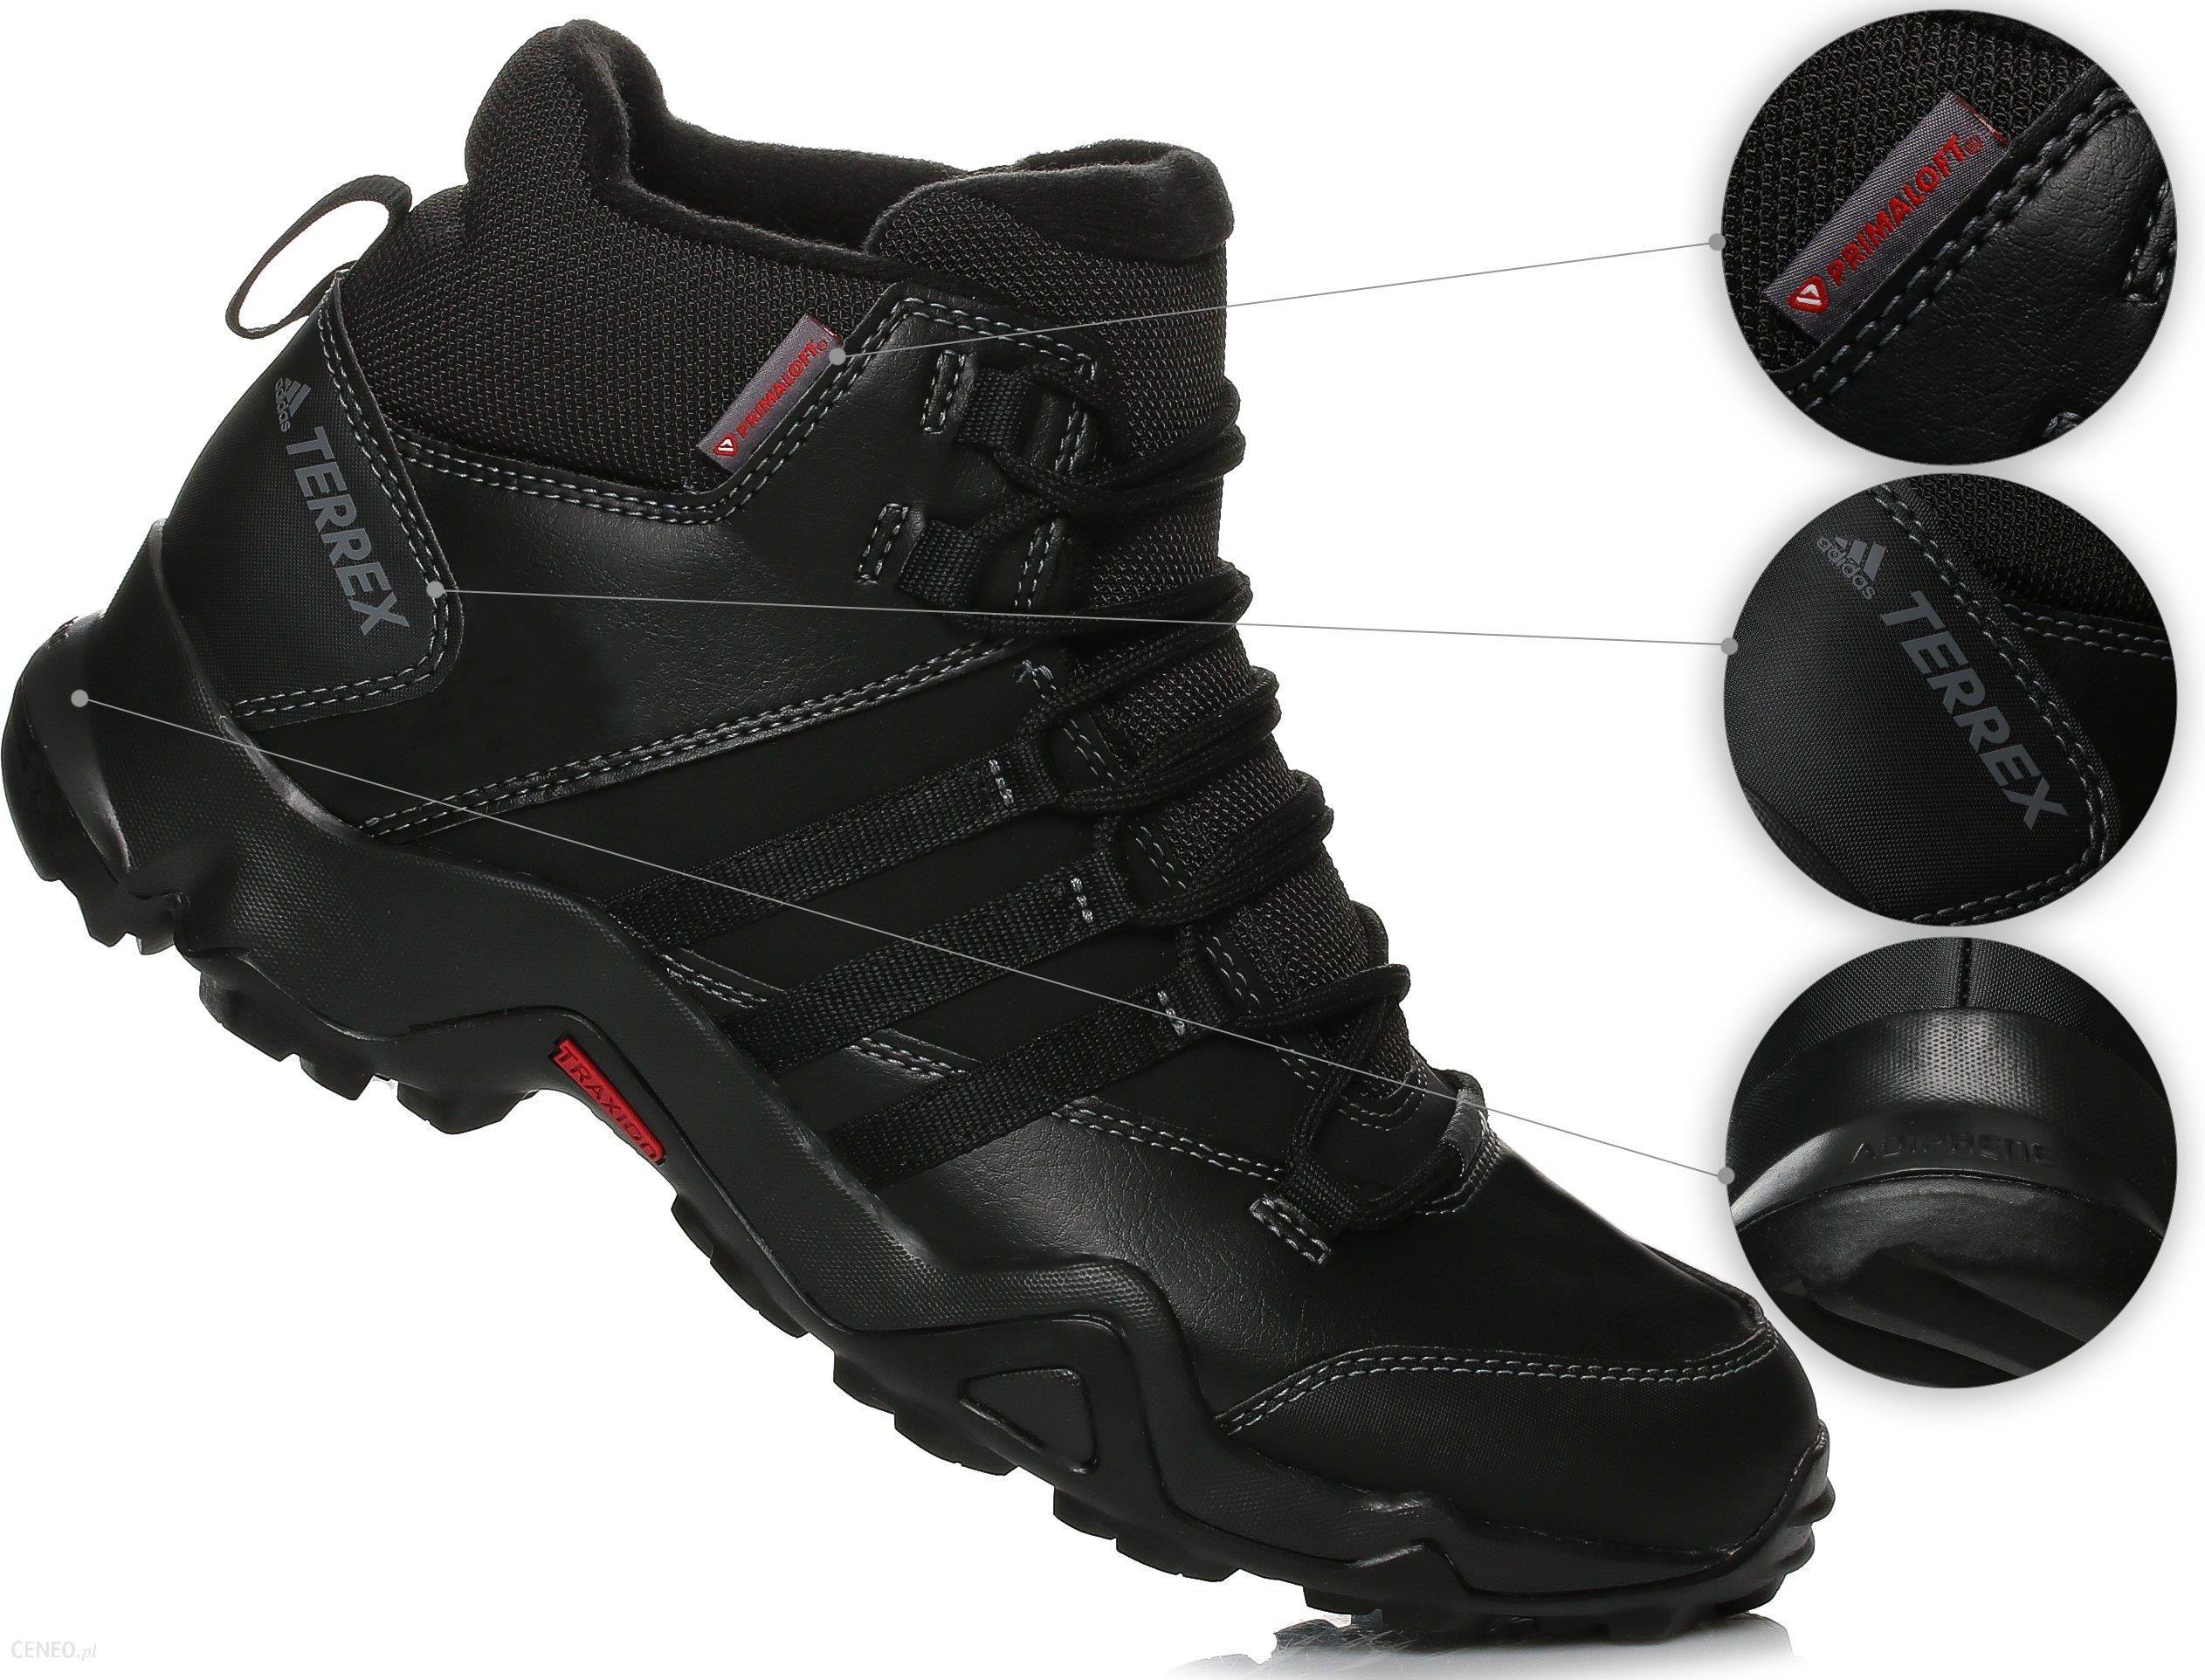 Buty zimowe Adidas Terrex AX2R Beta Mid S80740 Ceny i opinie Ceneo.pl